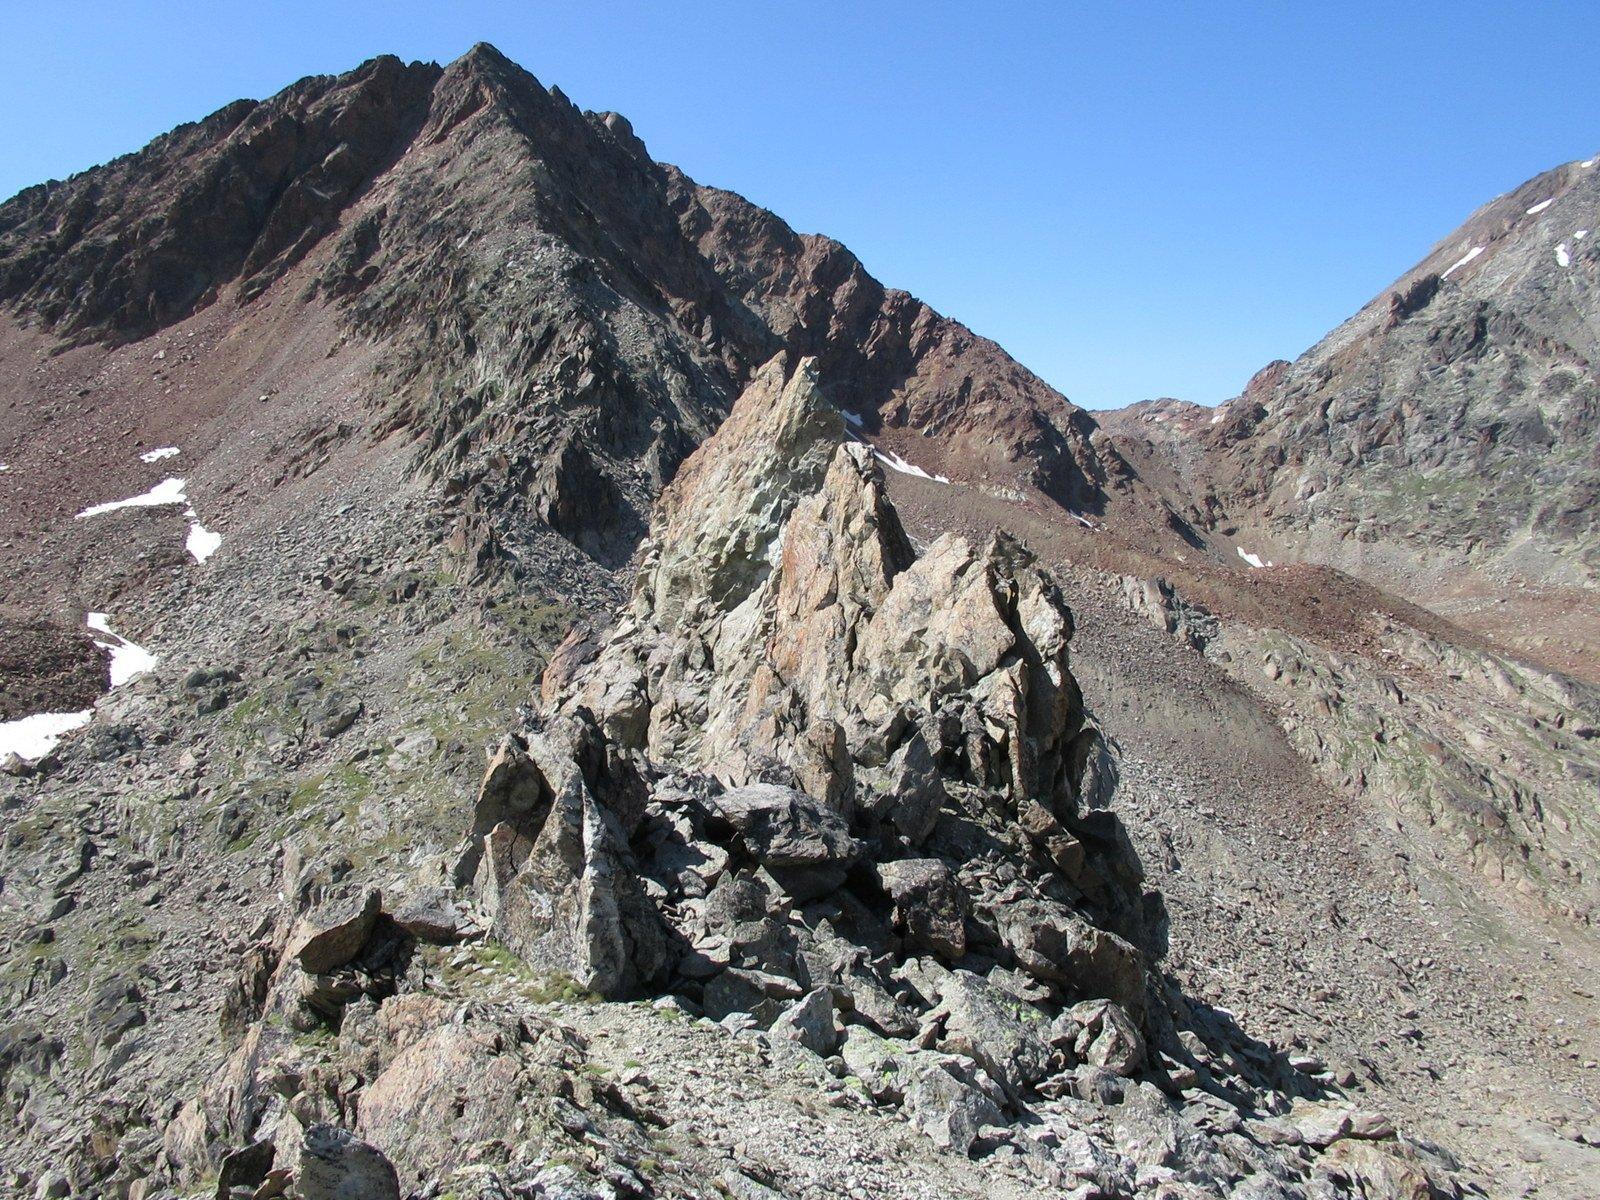 Alcuni torrioni sulla cresta da aggirare, in fondo la Punta di Laures